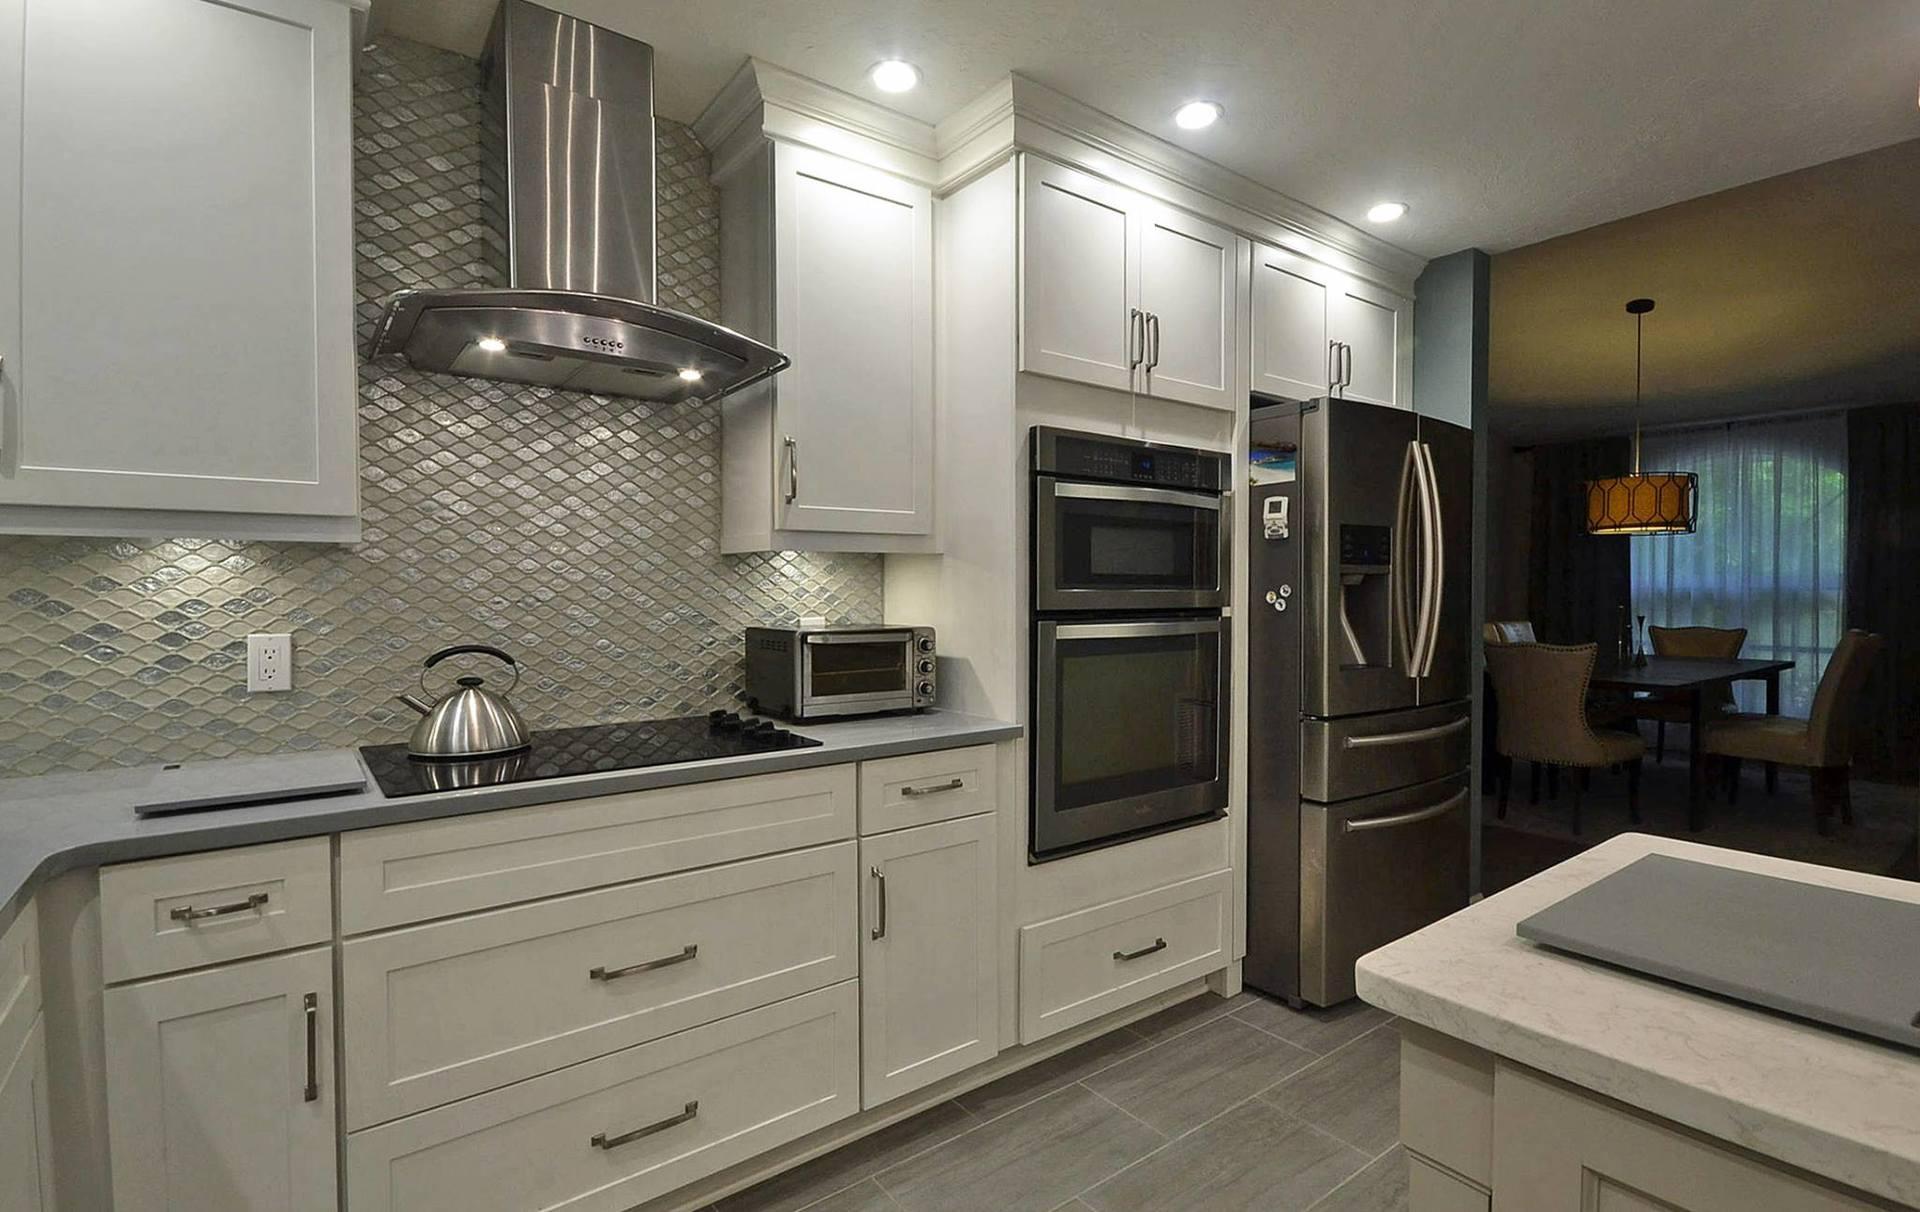 Coastal Kitchens, Inc. image 8